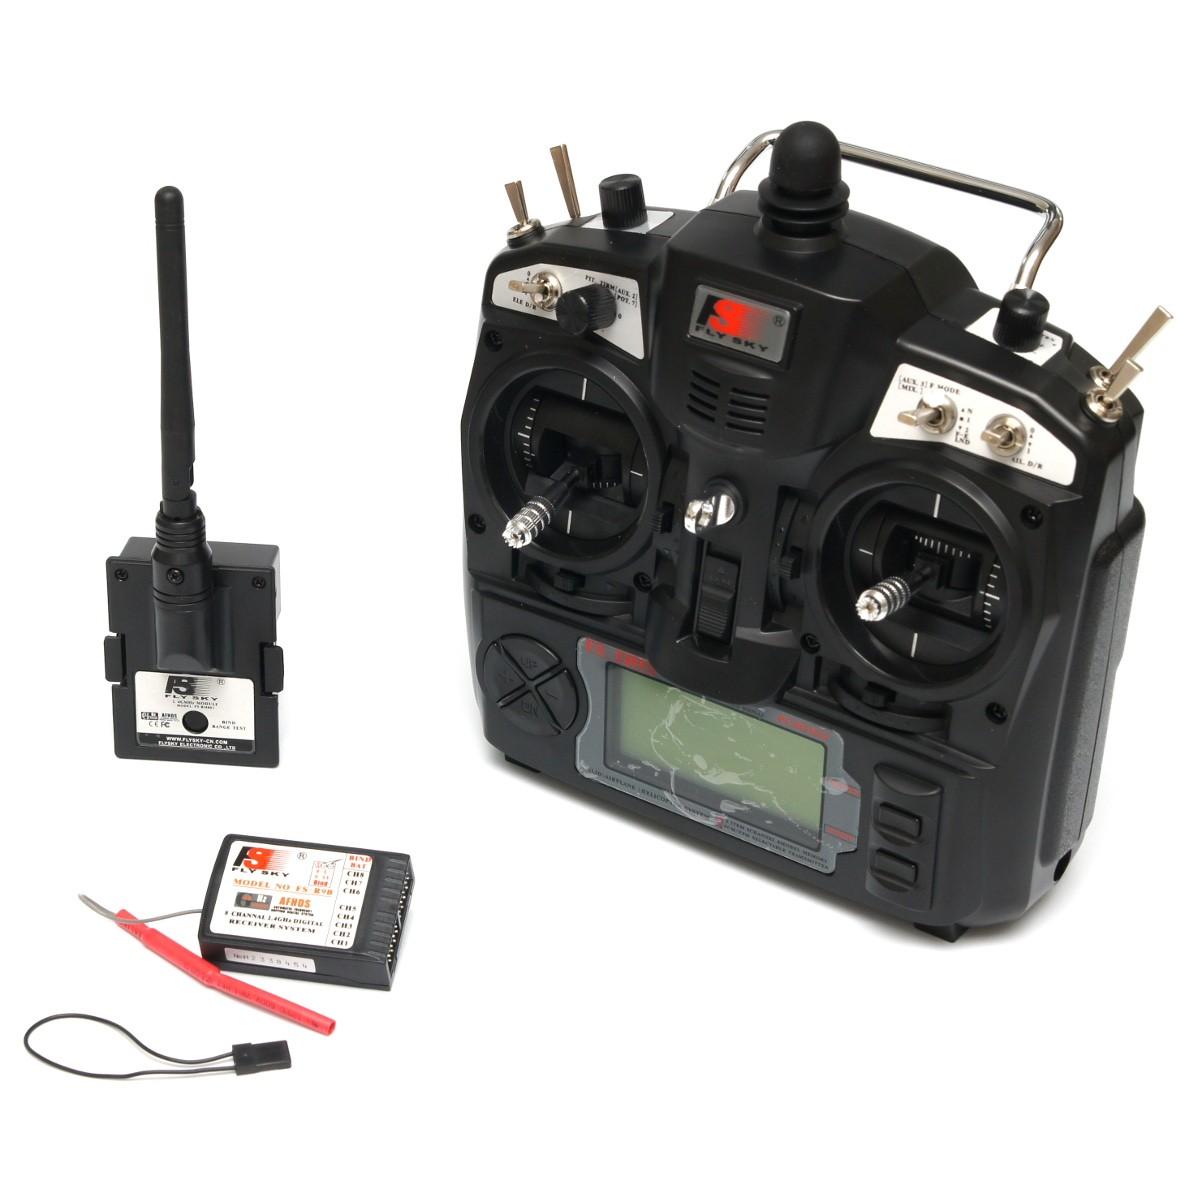 Универсальный программируемый 9-ch передатчик FlySky FS-TH9X и 8-ch приёмник FlySky FS-R8B 2.4Ghz